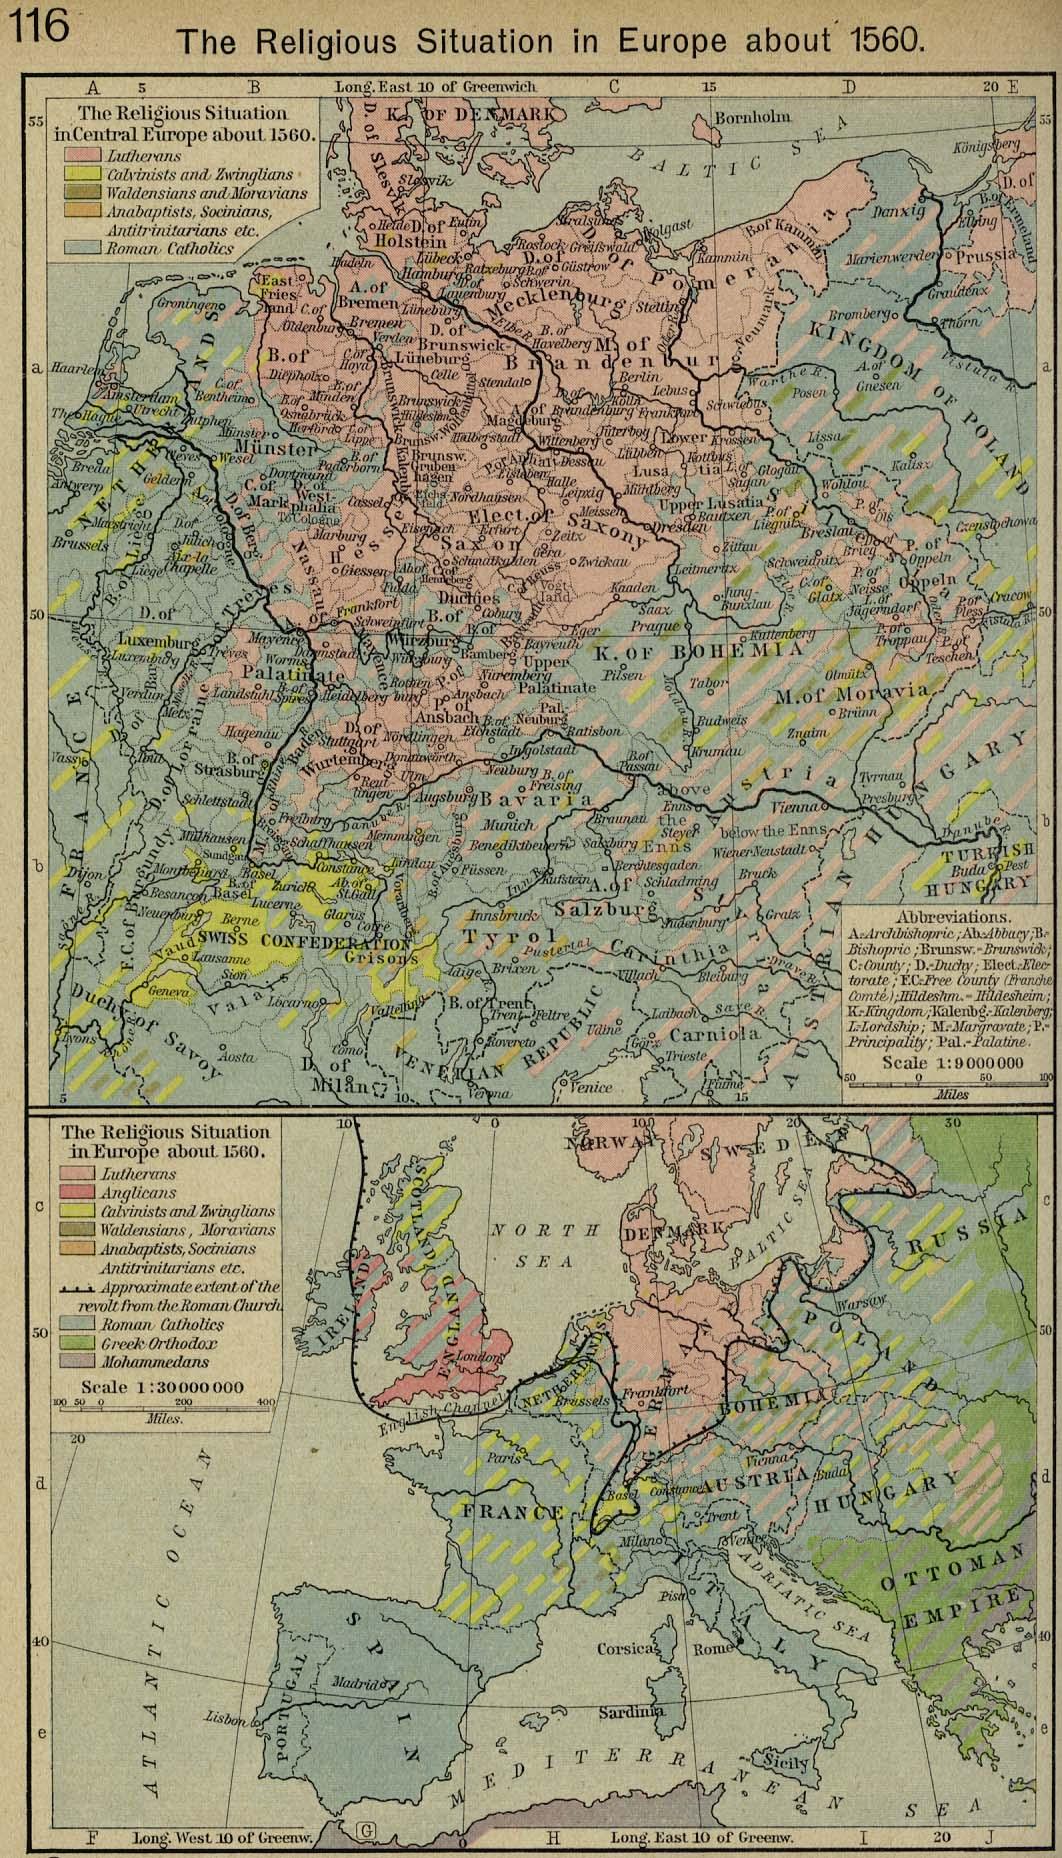 Situación Religiosa en Europa circa 1560